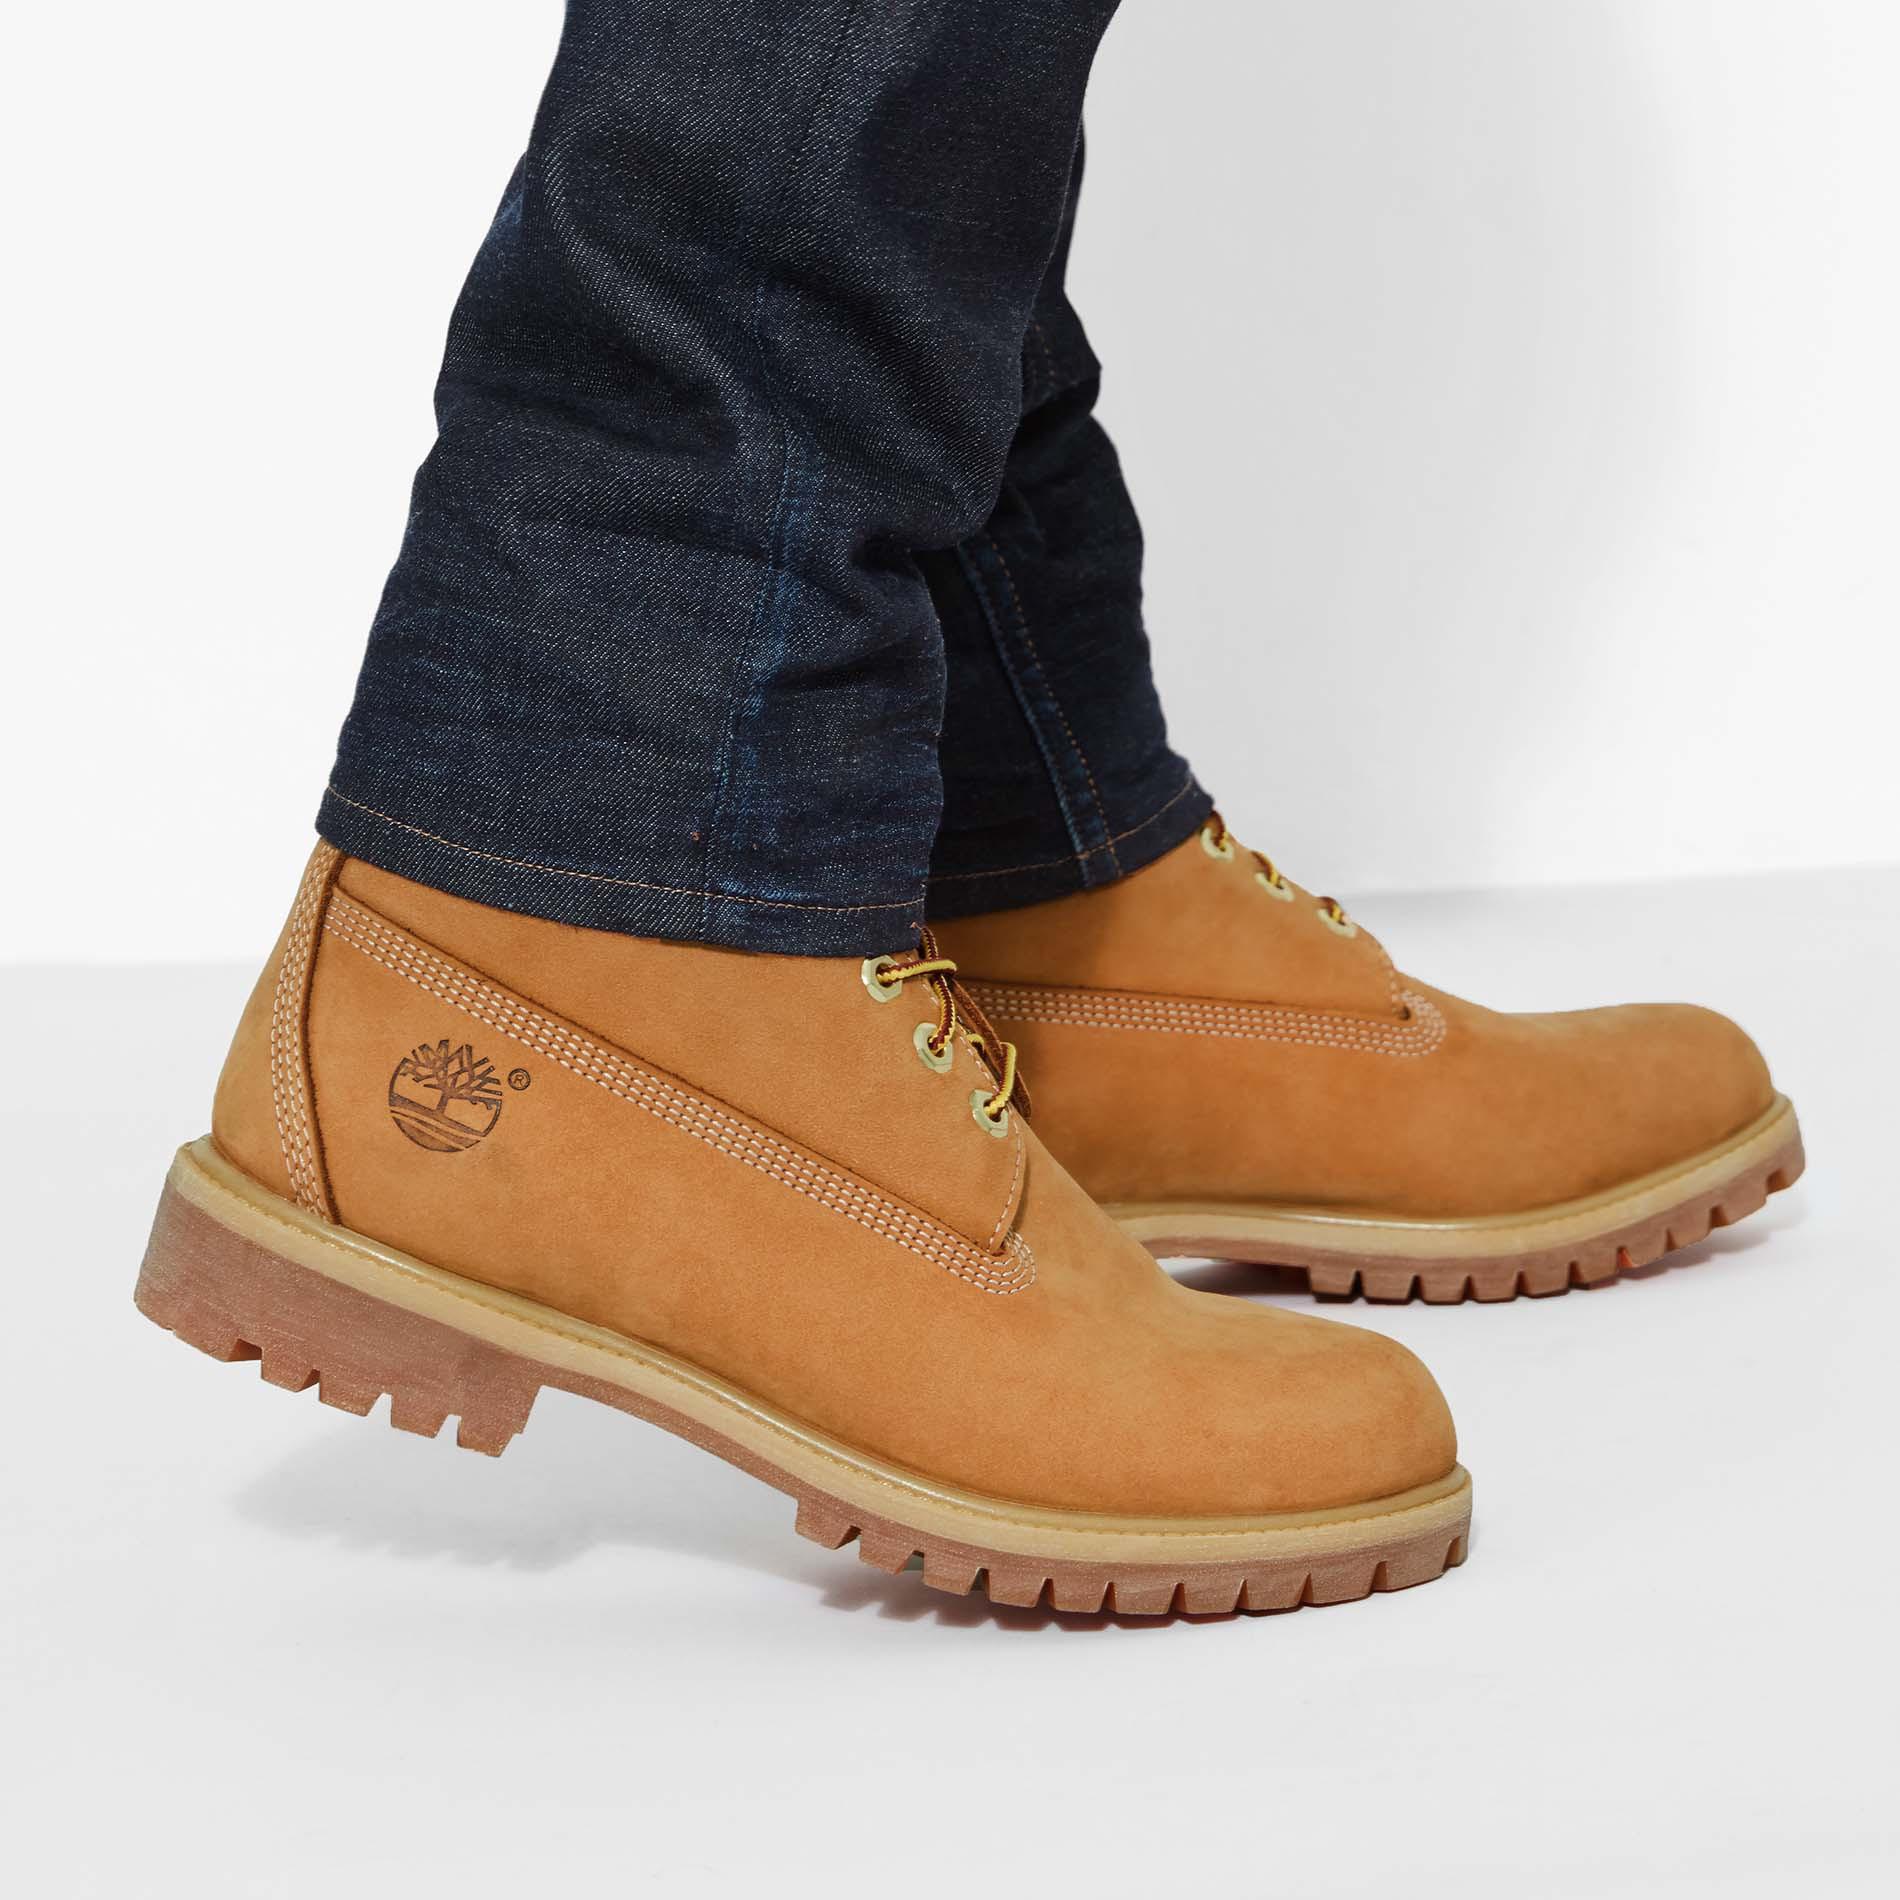 Chaussures de Sécurité | Mestenuesperso